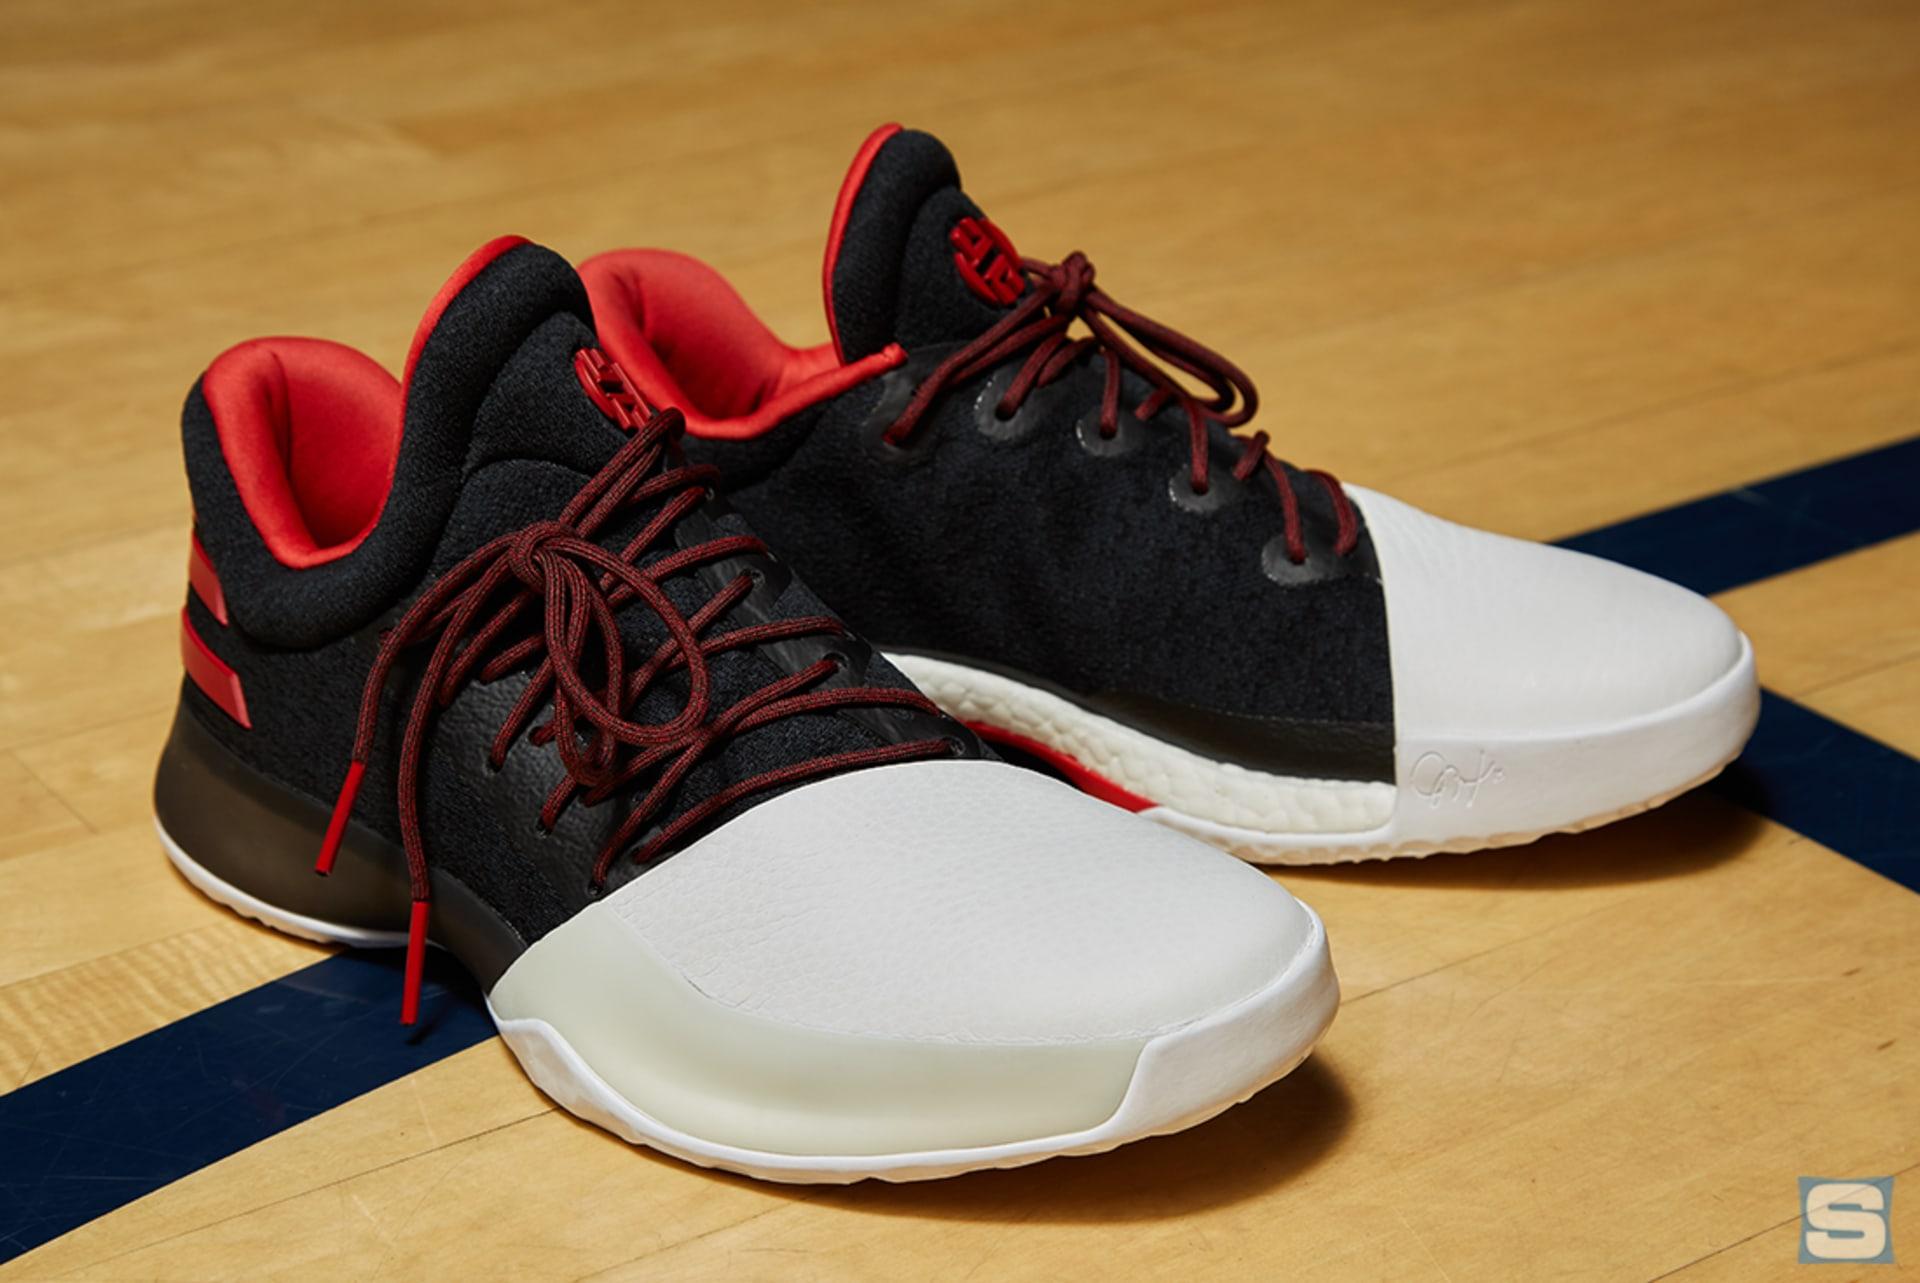 3705487ce3ee Adidas James Harden Vol. 1 Sneaker Release Date